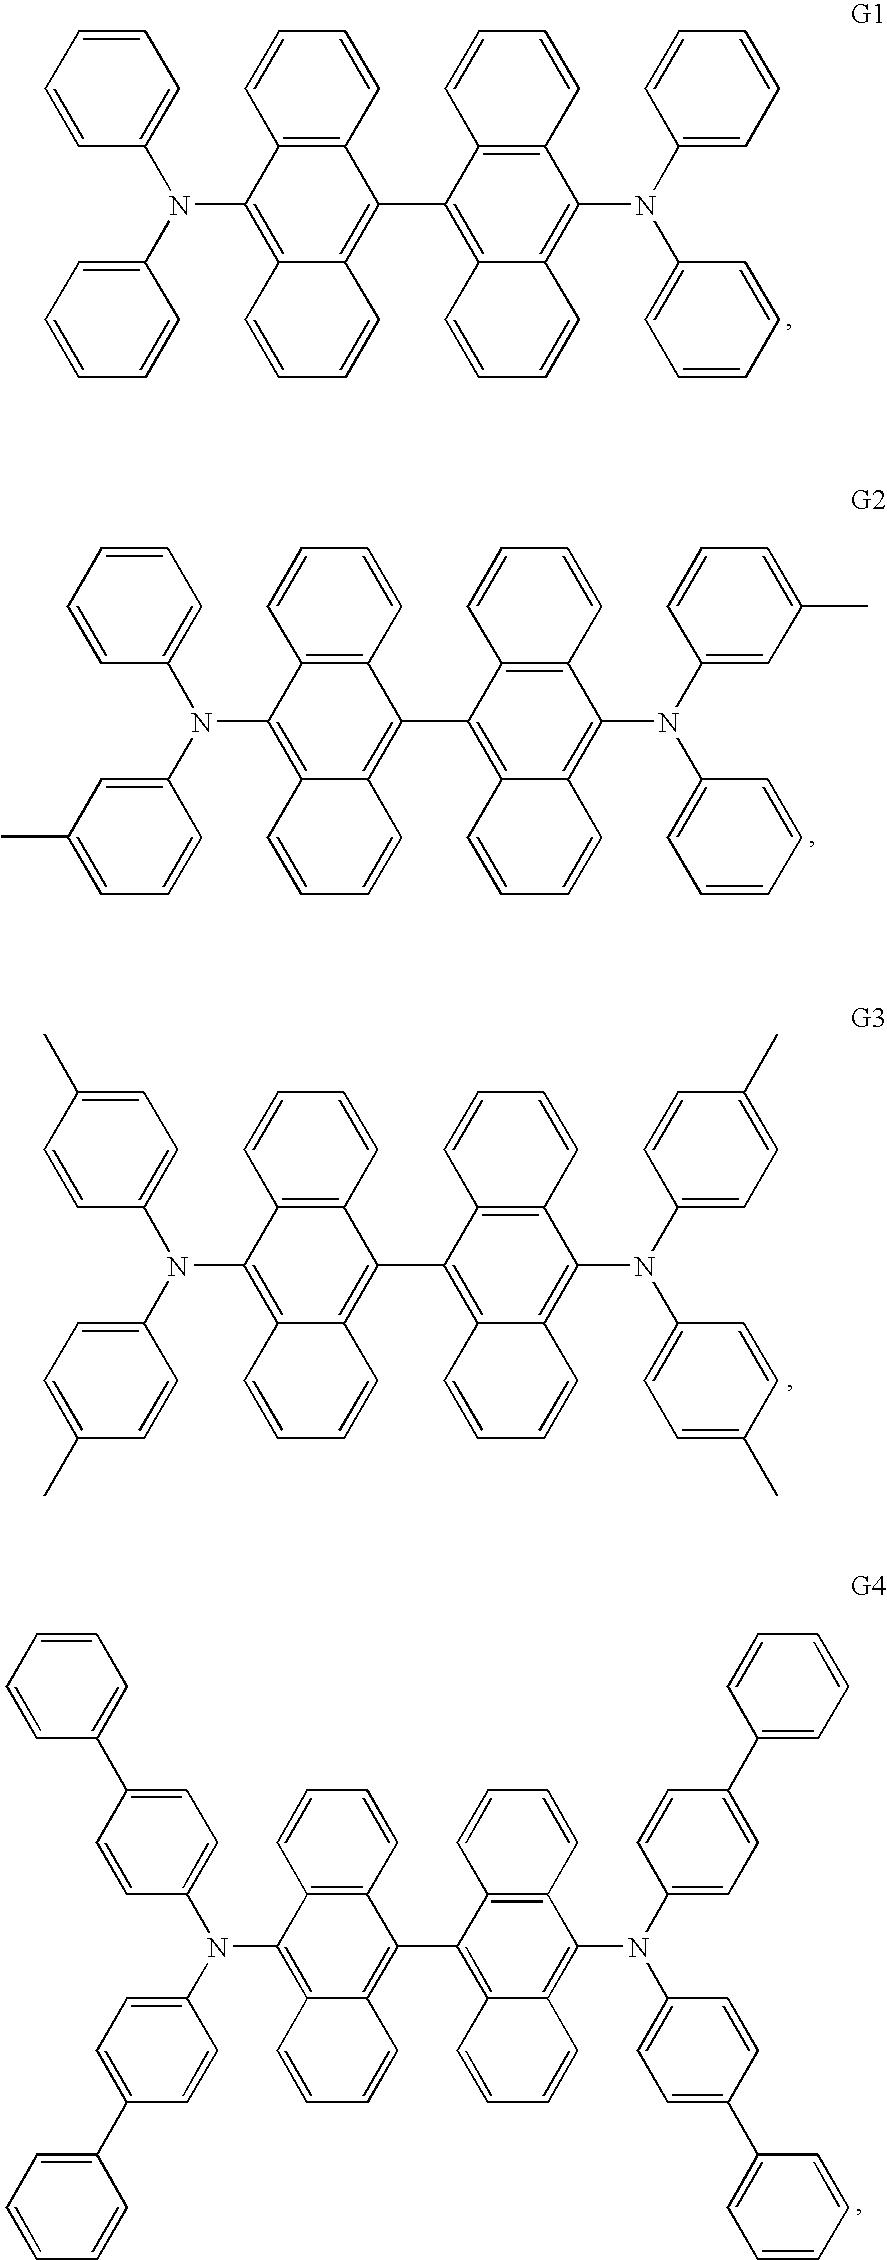 Figure US20070152568A1-20070705-C00019